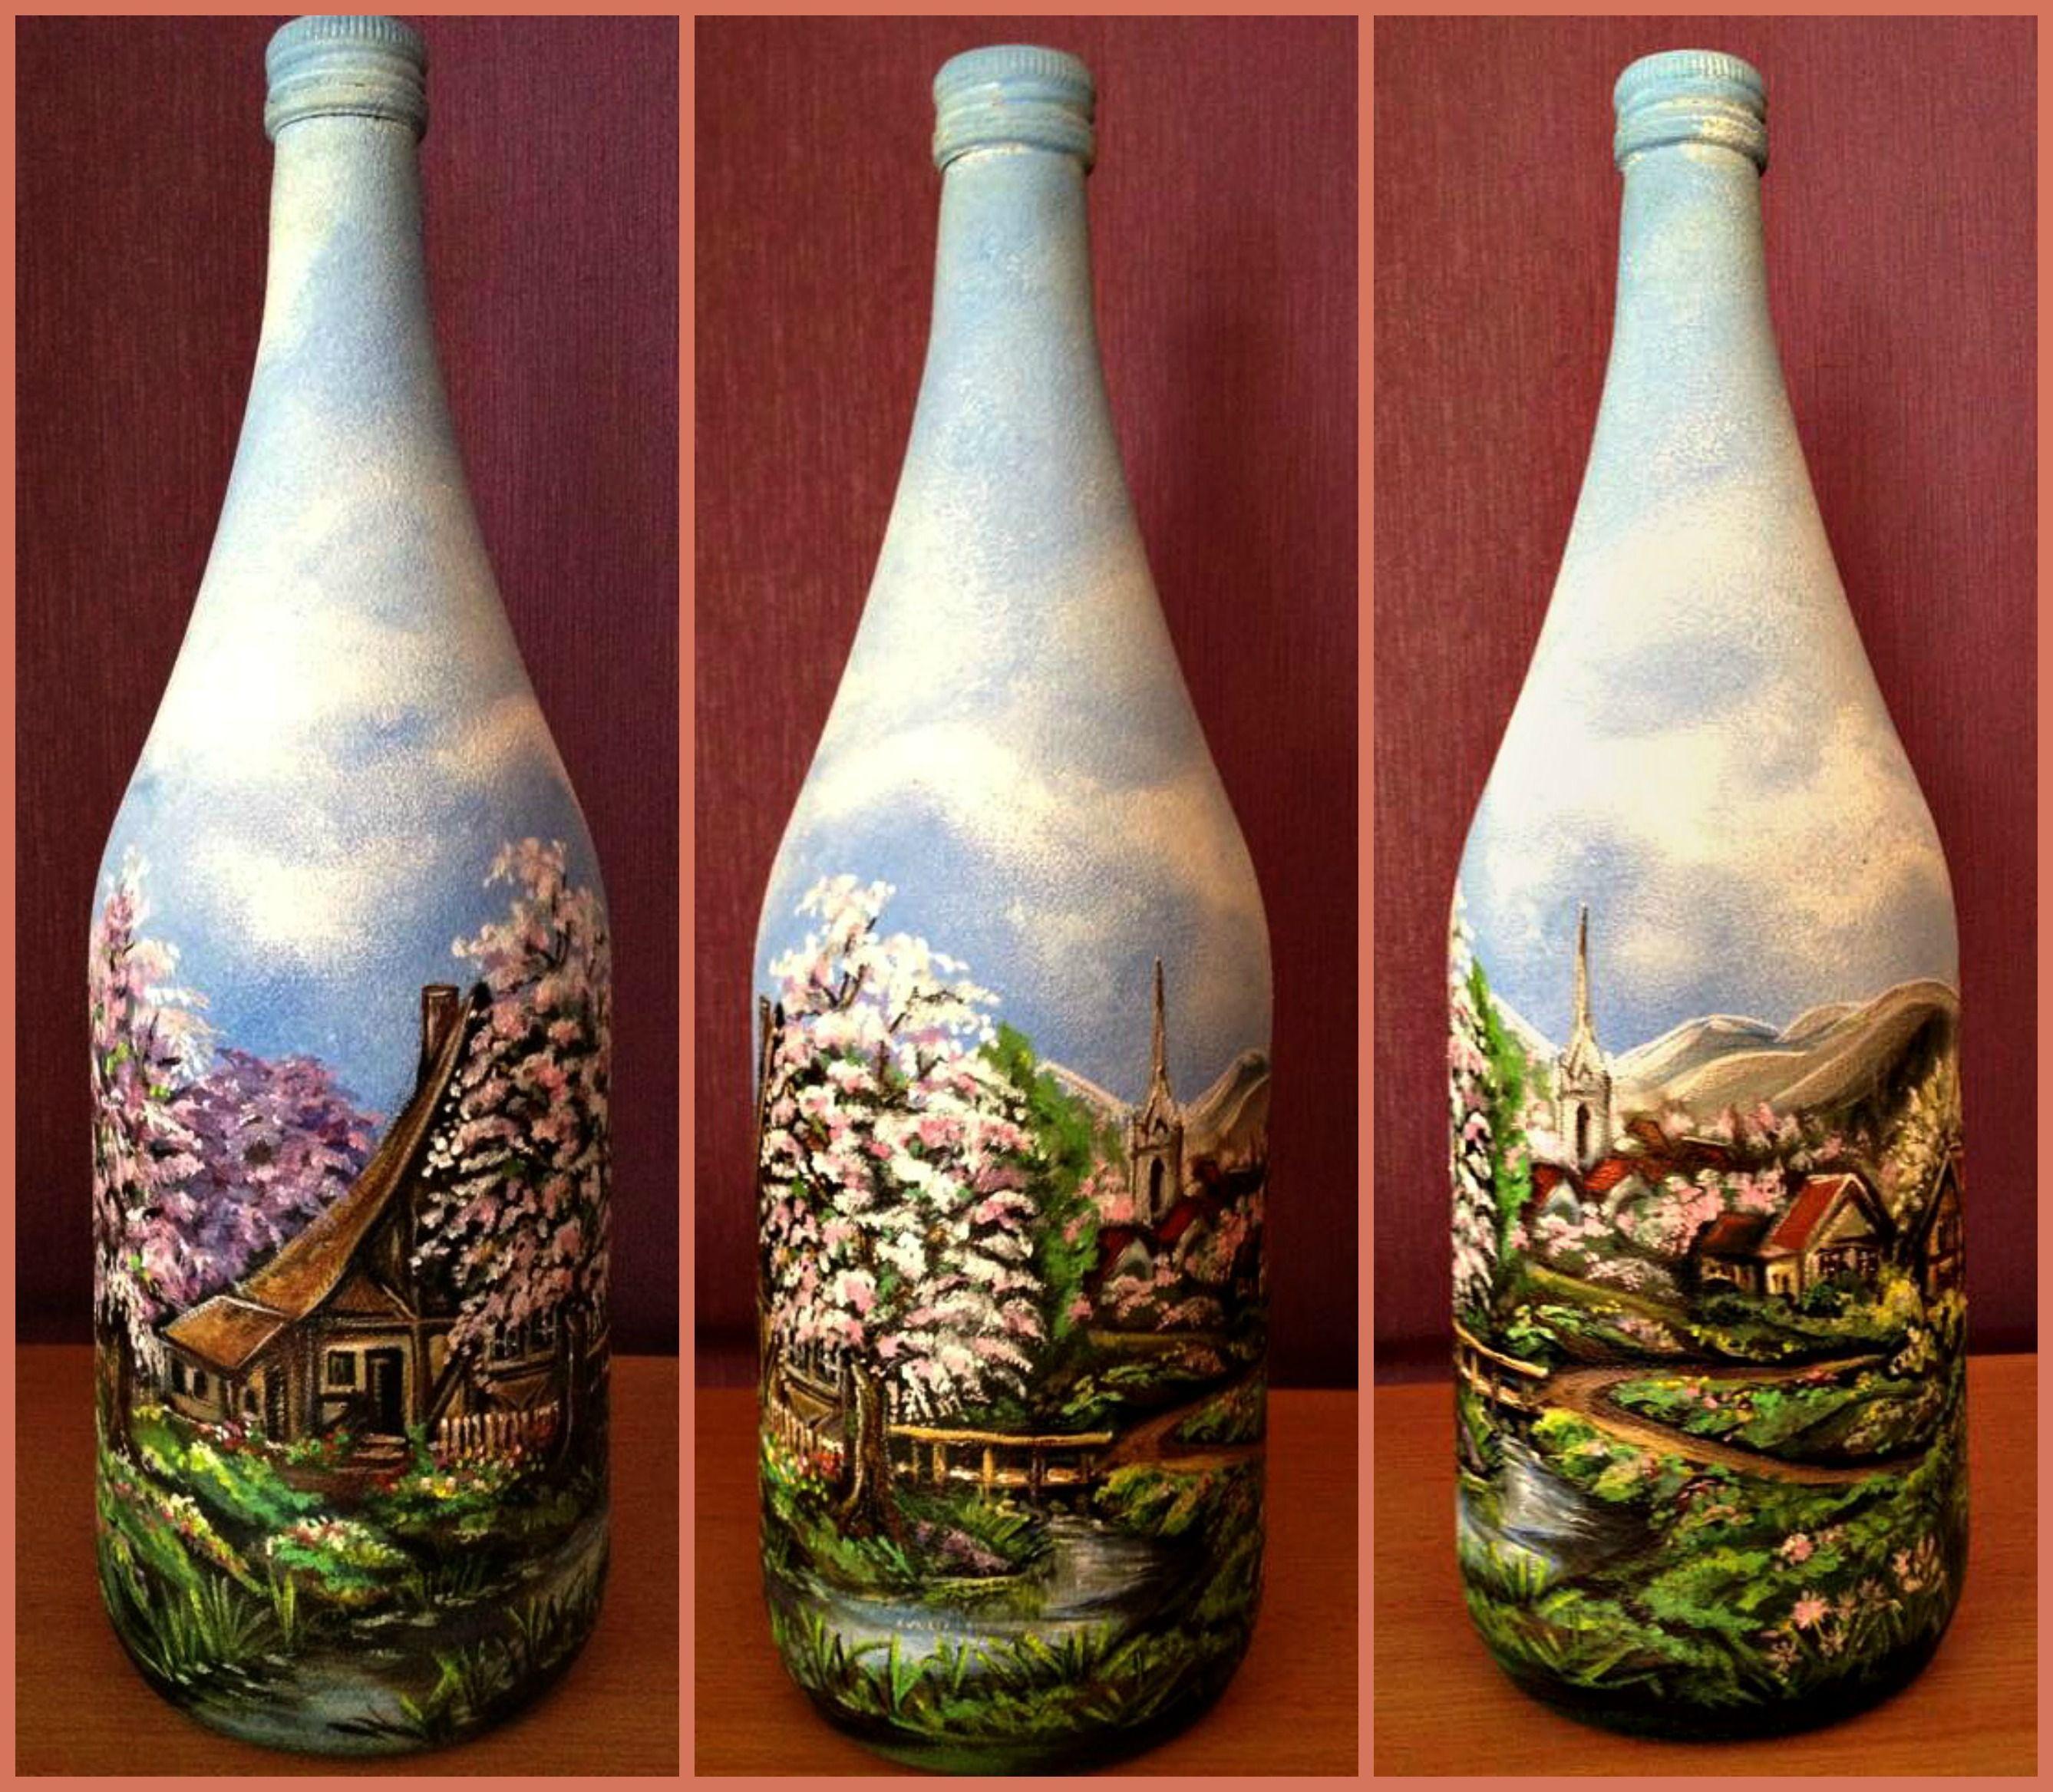 fr hling deko flasche bild auf glas akrylfarben handarbeit bottles botellas decoradas. Black Bedroom Furniture Sets. Home Design Ideas